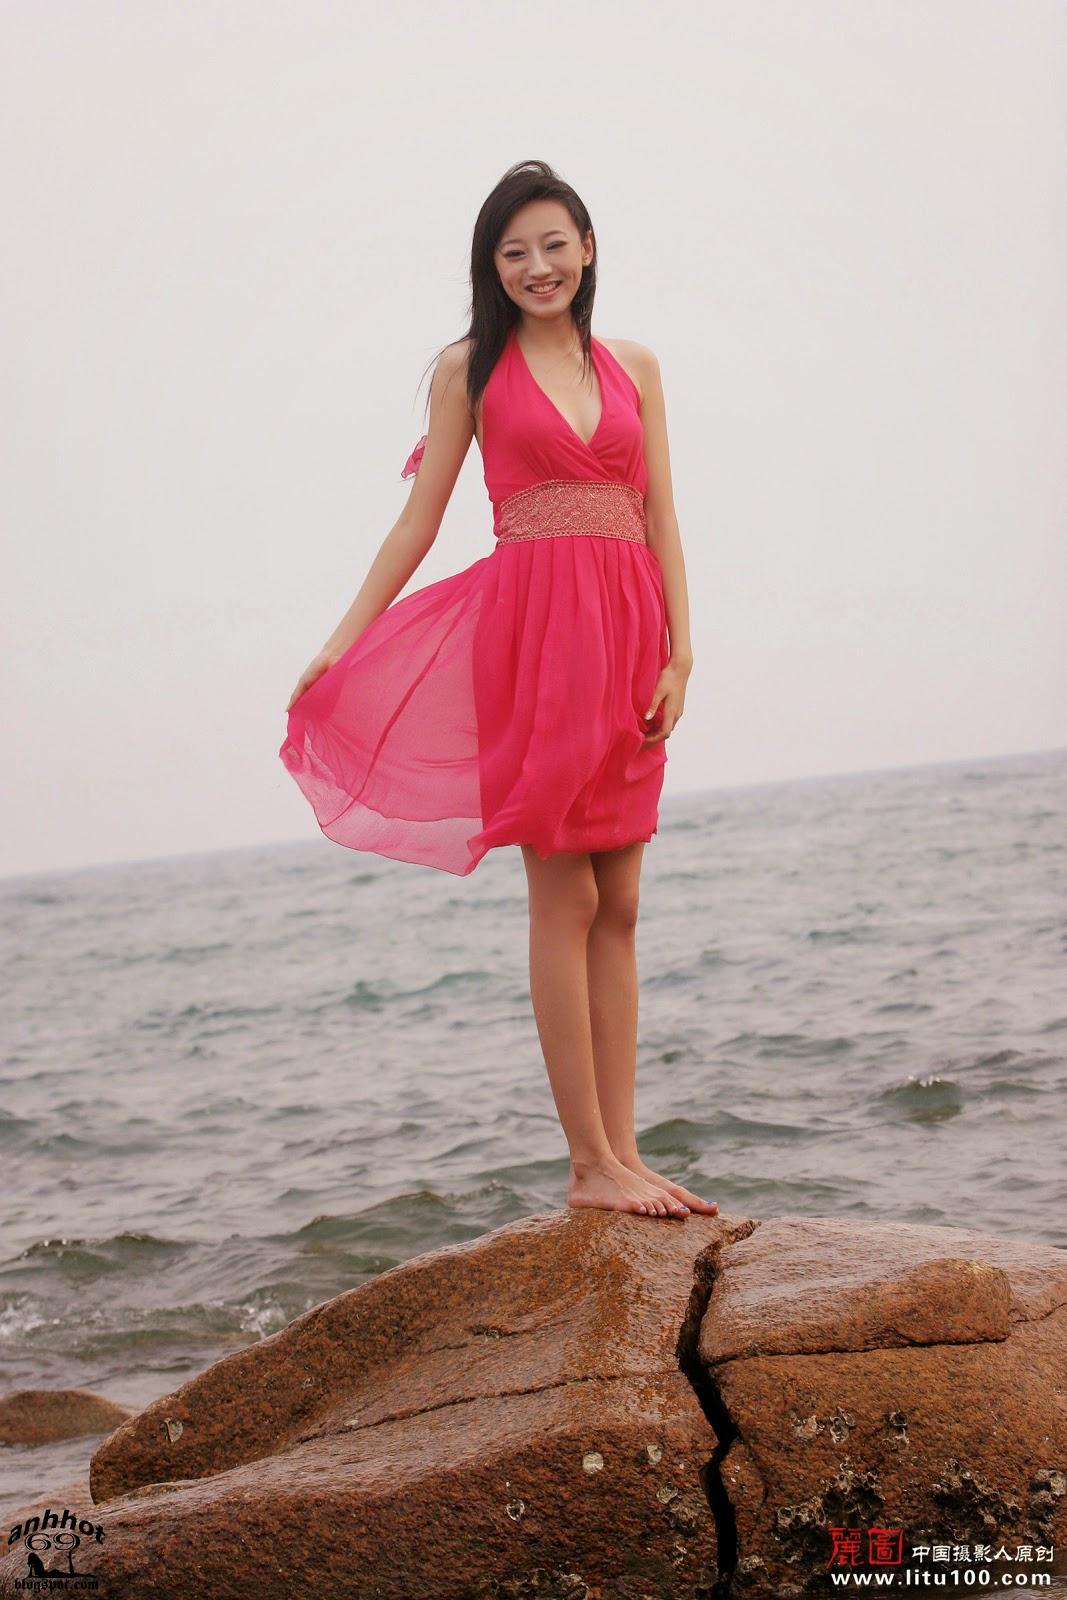 litu-200600819-zhang-tian-yi-sea_IMG_7520